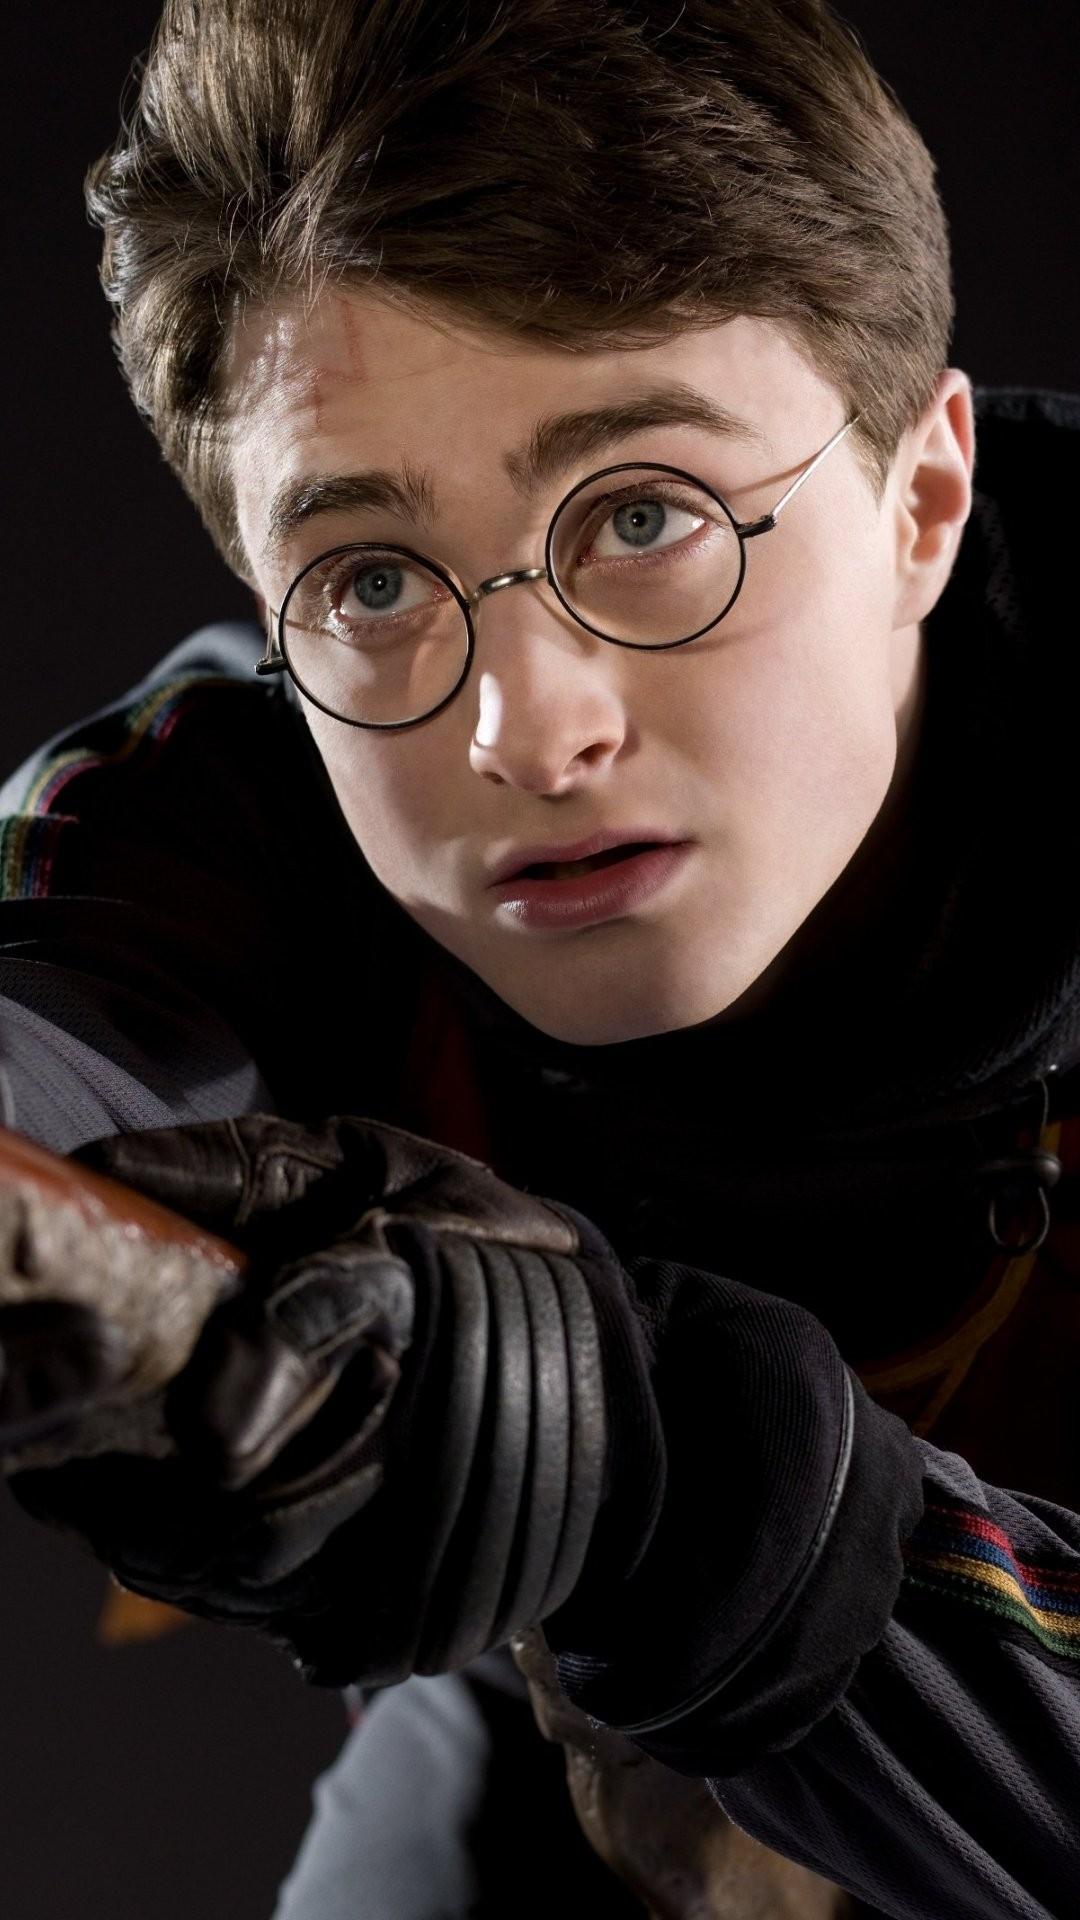 Harry potter iphone wallpaper pixelstalk net - Best harry potter wallpapers ...